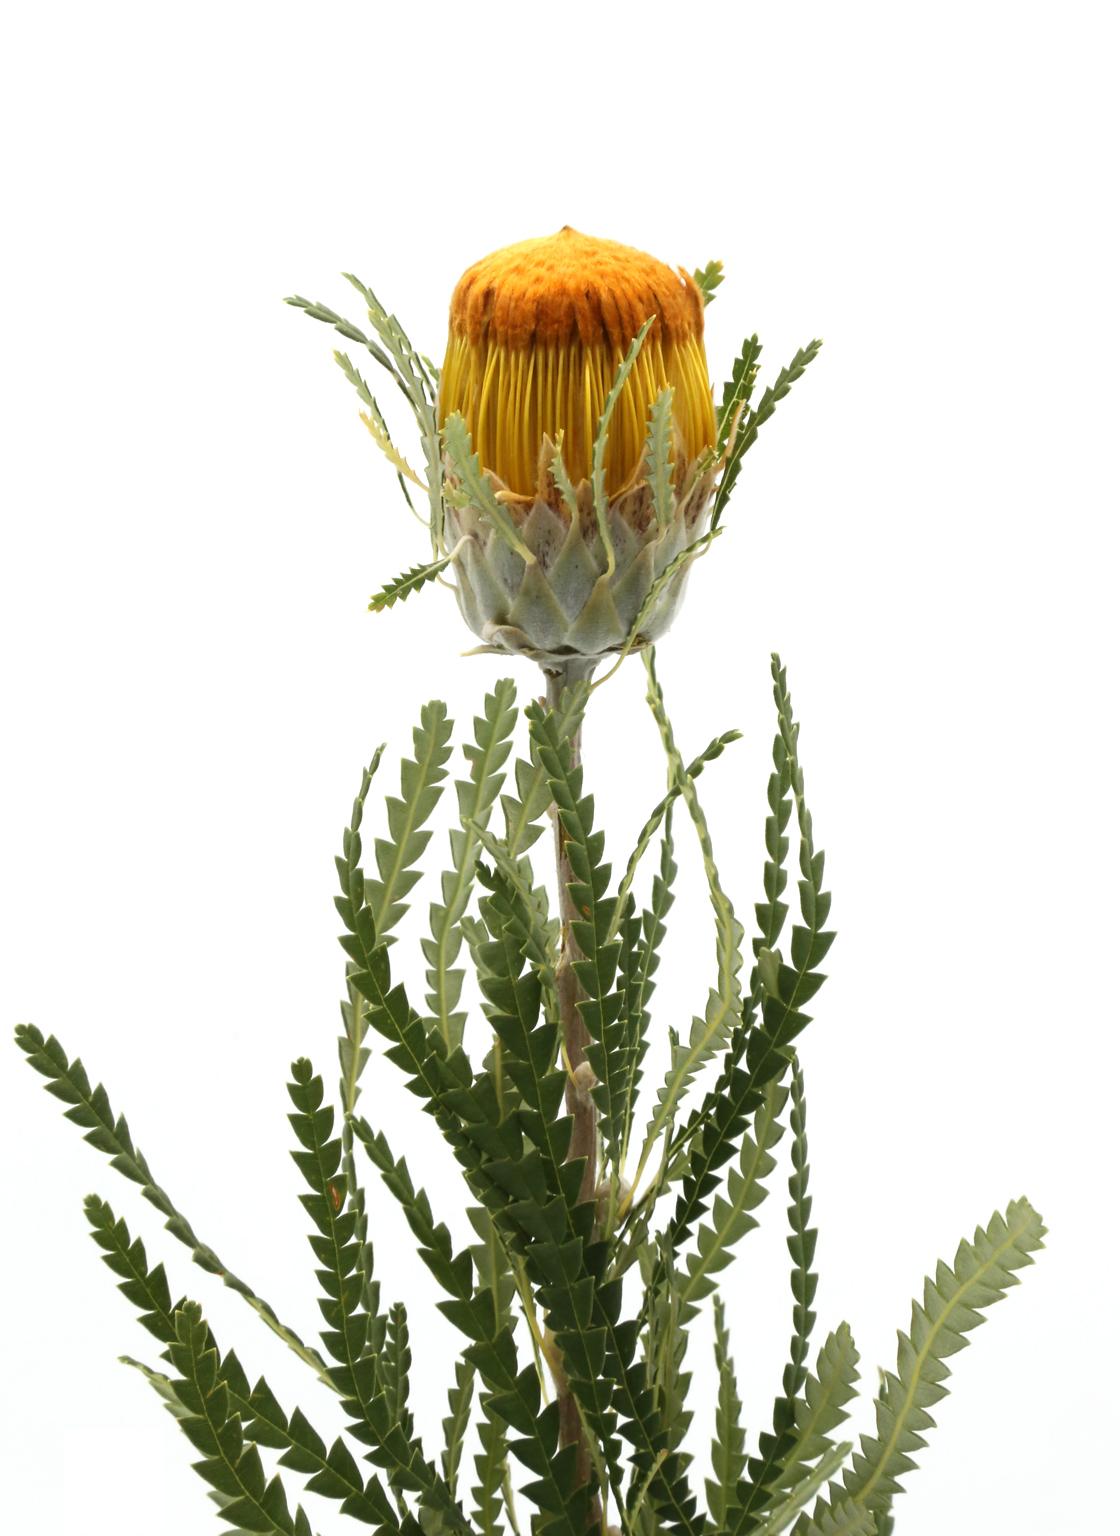 banksia-dryandra